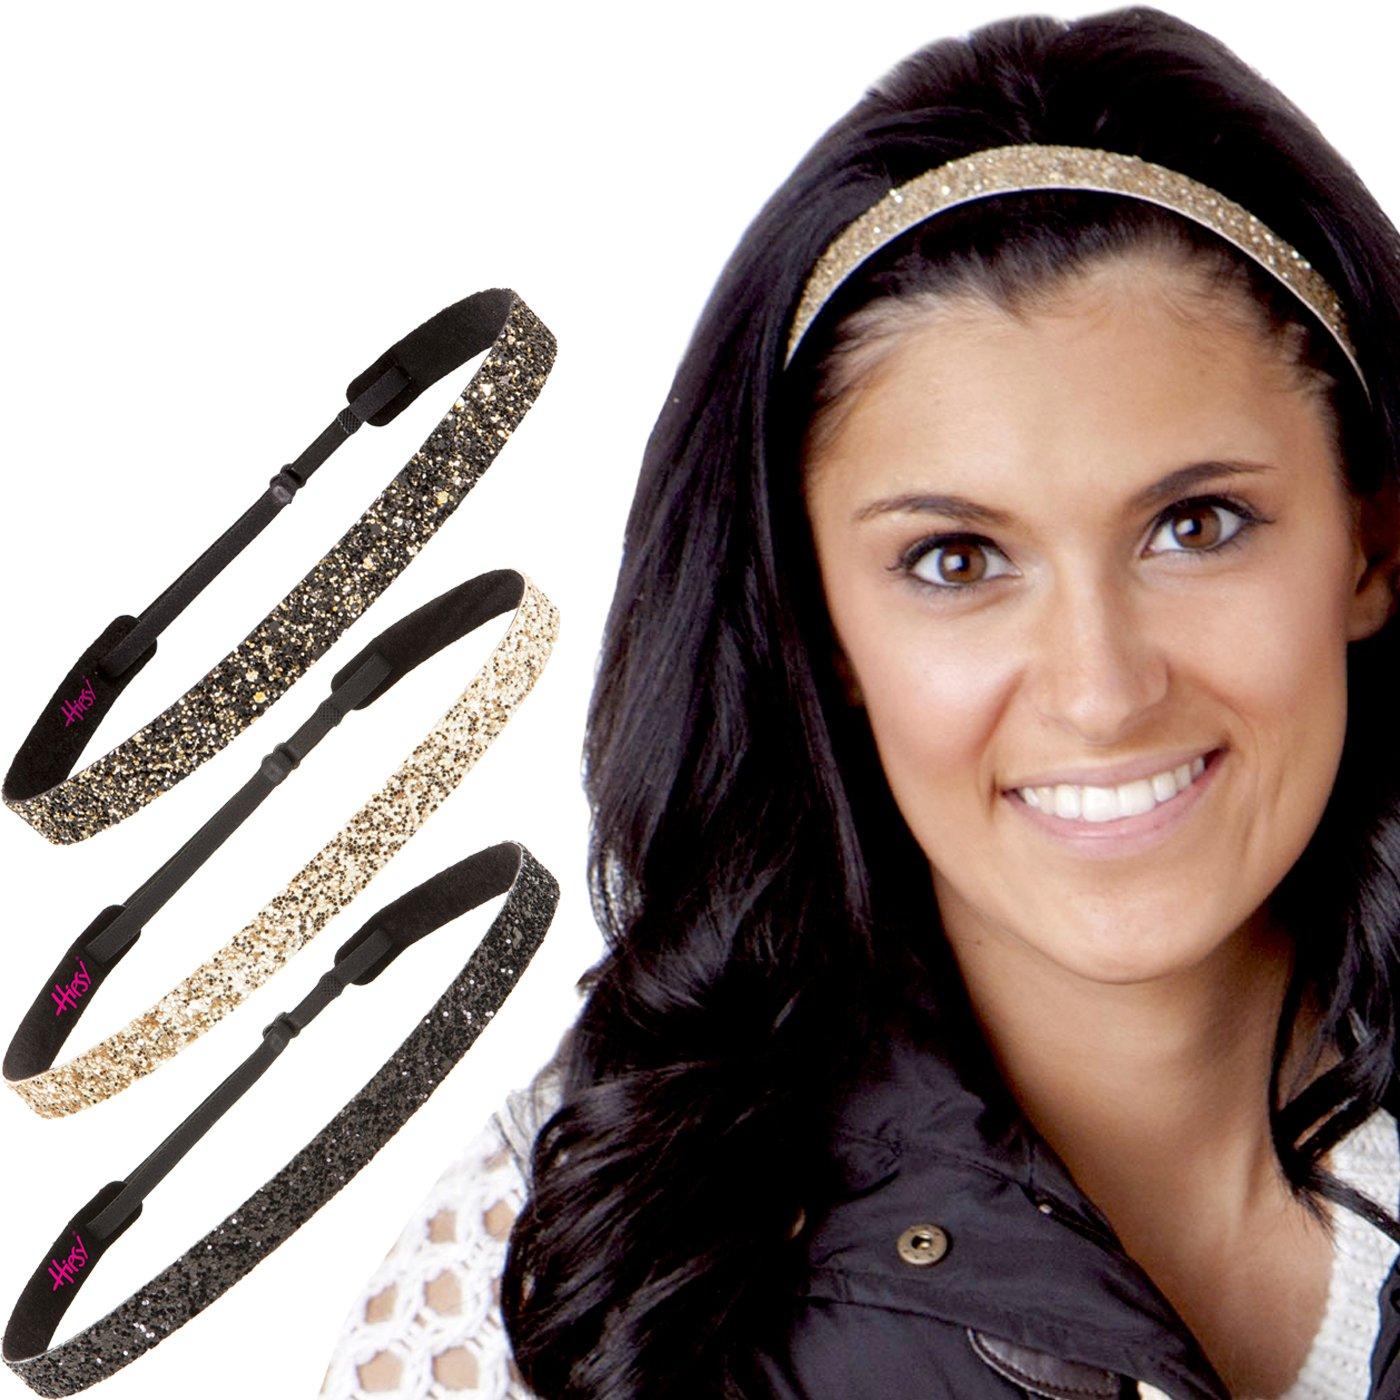 Hipsy Women's Adjustable No Slip Cute Fashion Headbands Bling Glitter Hairband Packs (3pk Black/Gold/Diva Skinny Bling Glitter)